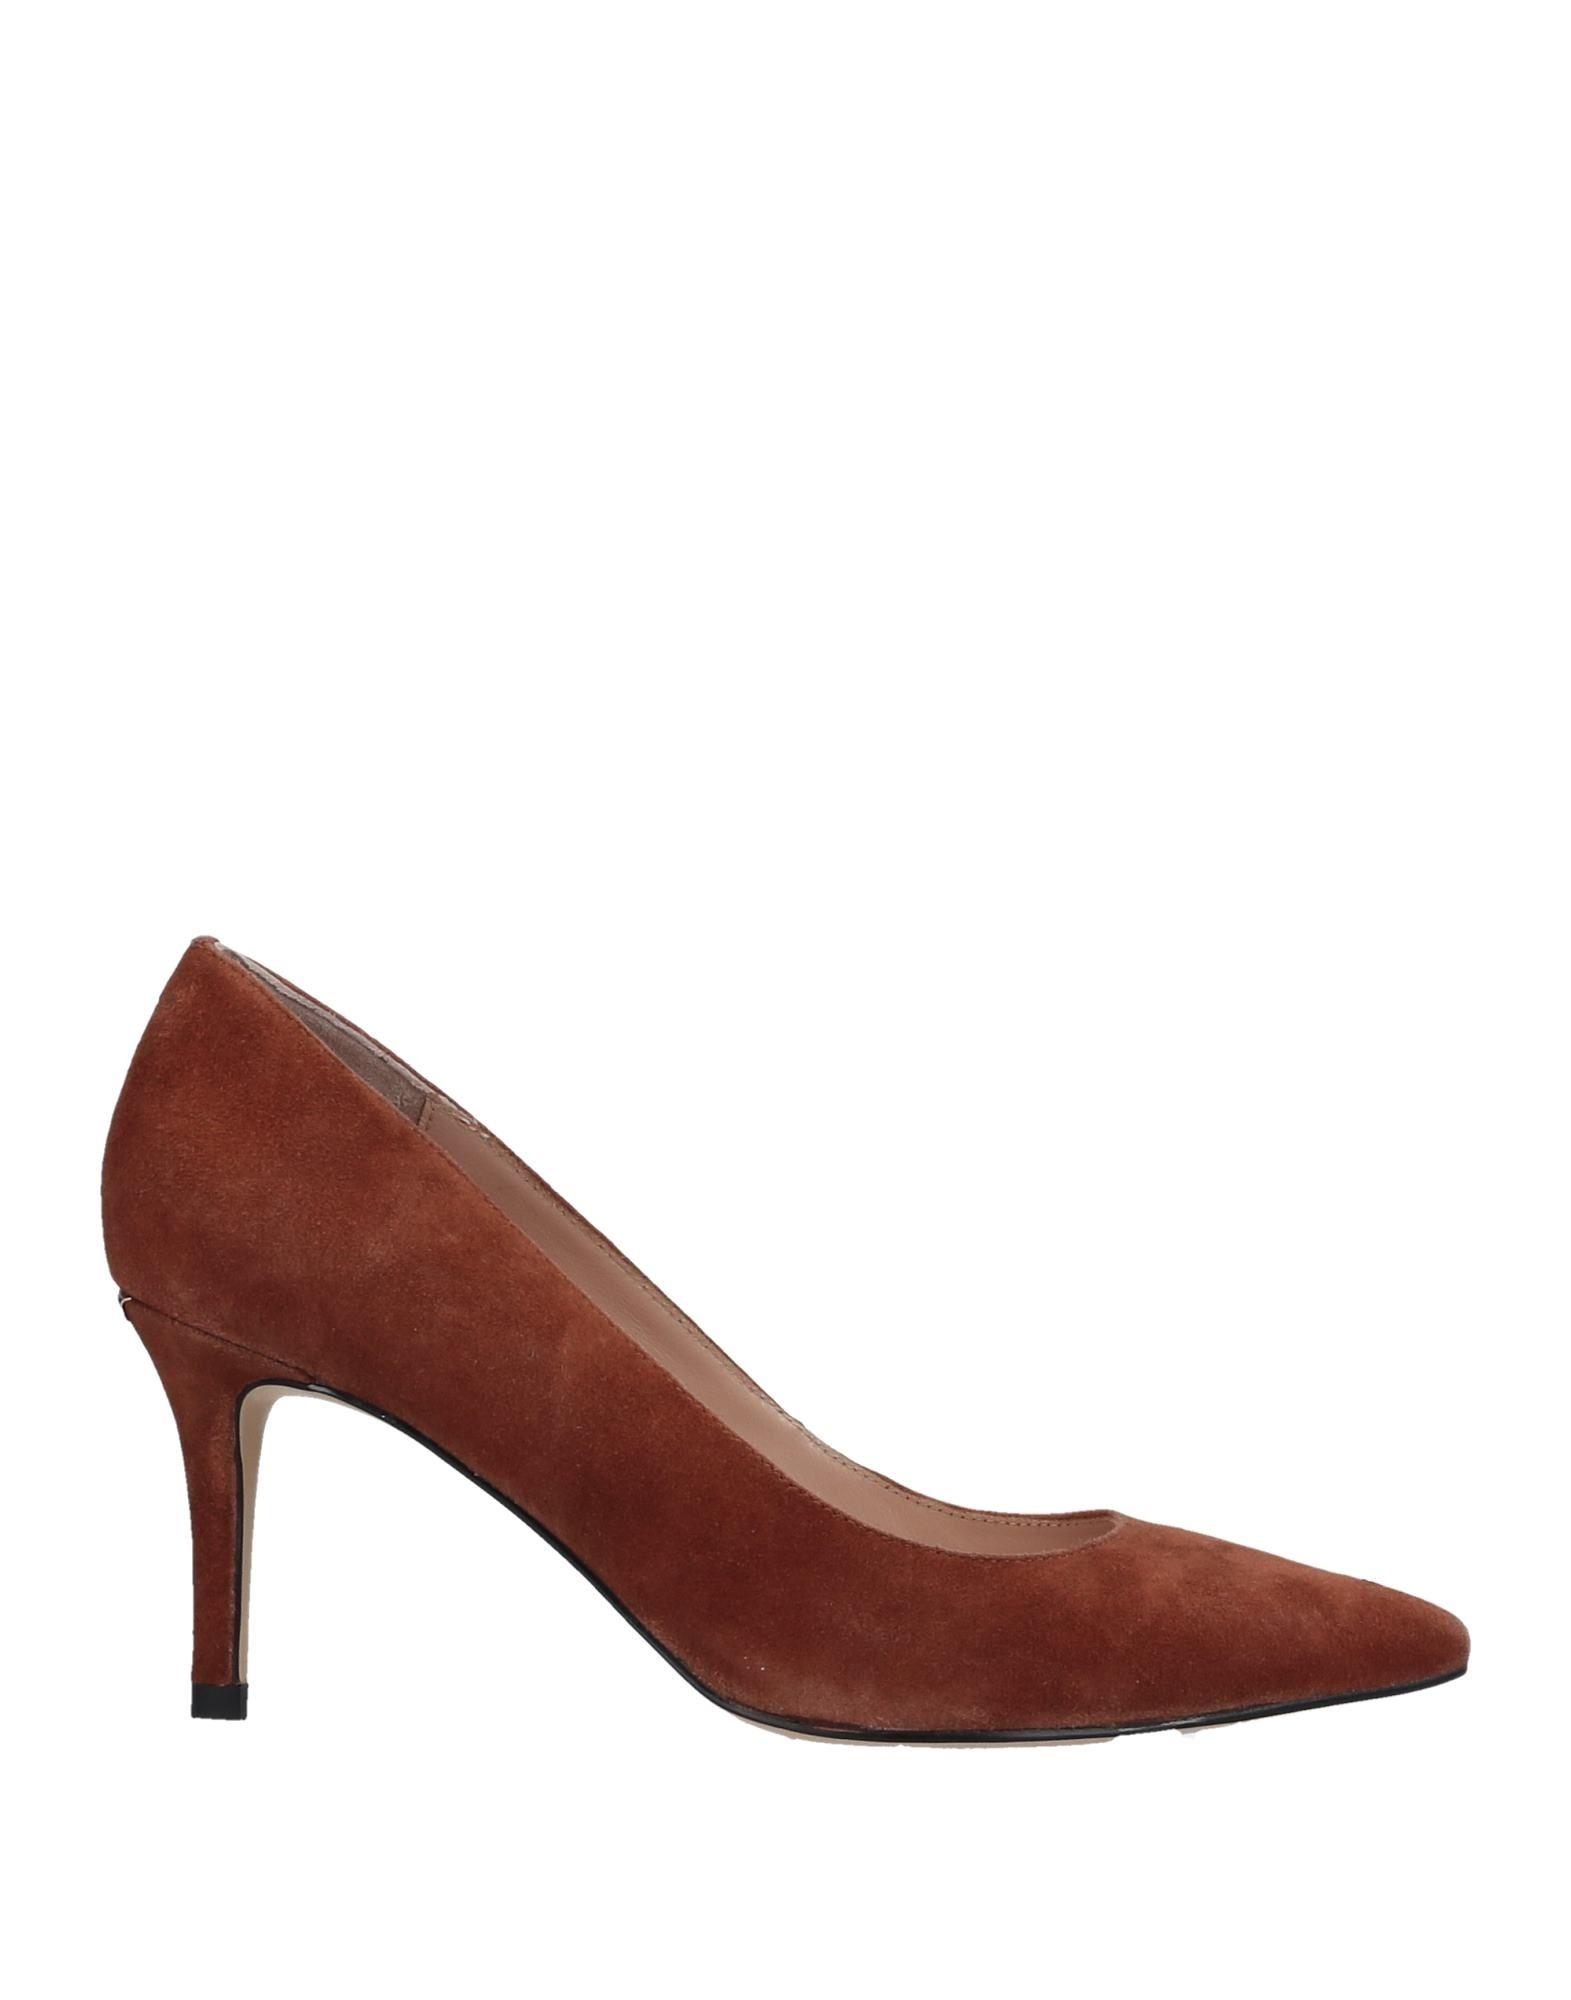 Tiempo limitado especial Zapato De Salón Liu •Jo •Jo Liu Mujer - Salones Liu •Jo  Marrón 9e8673